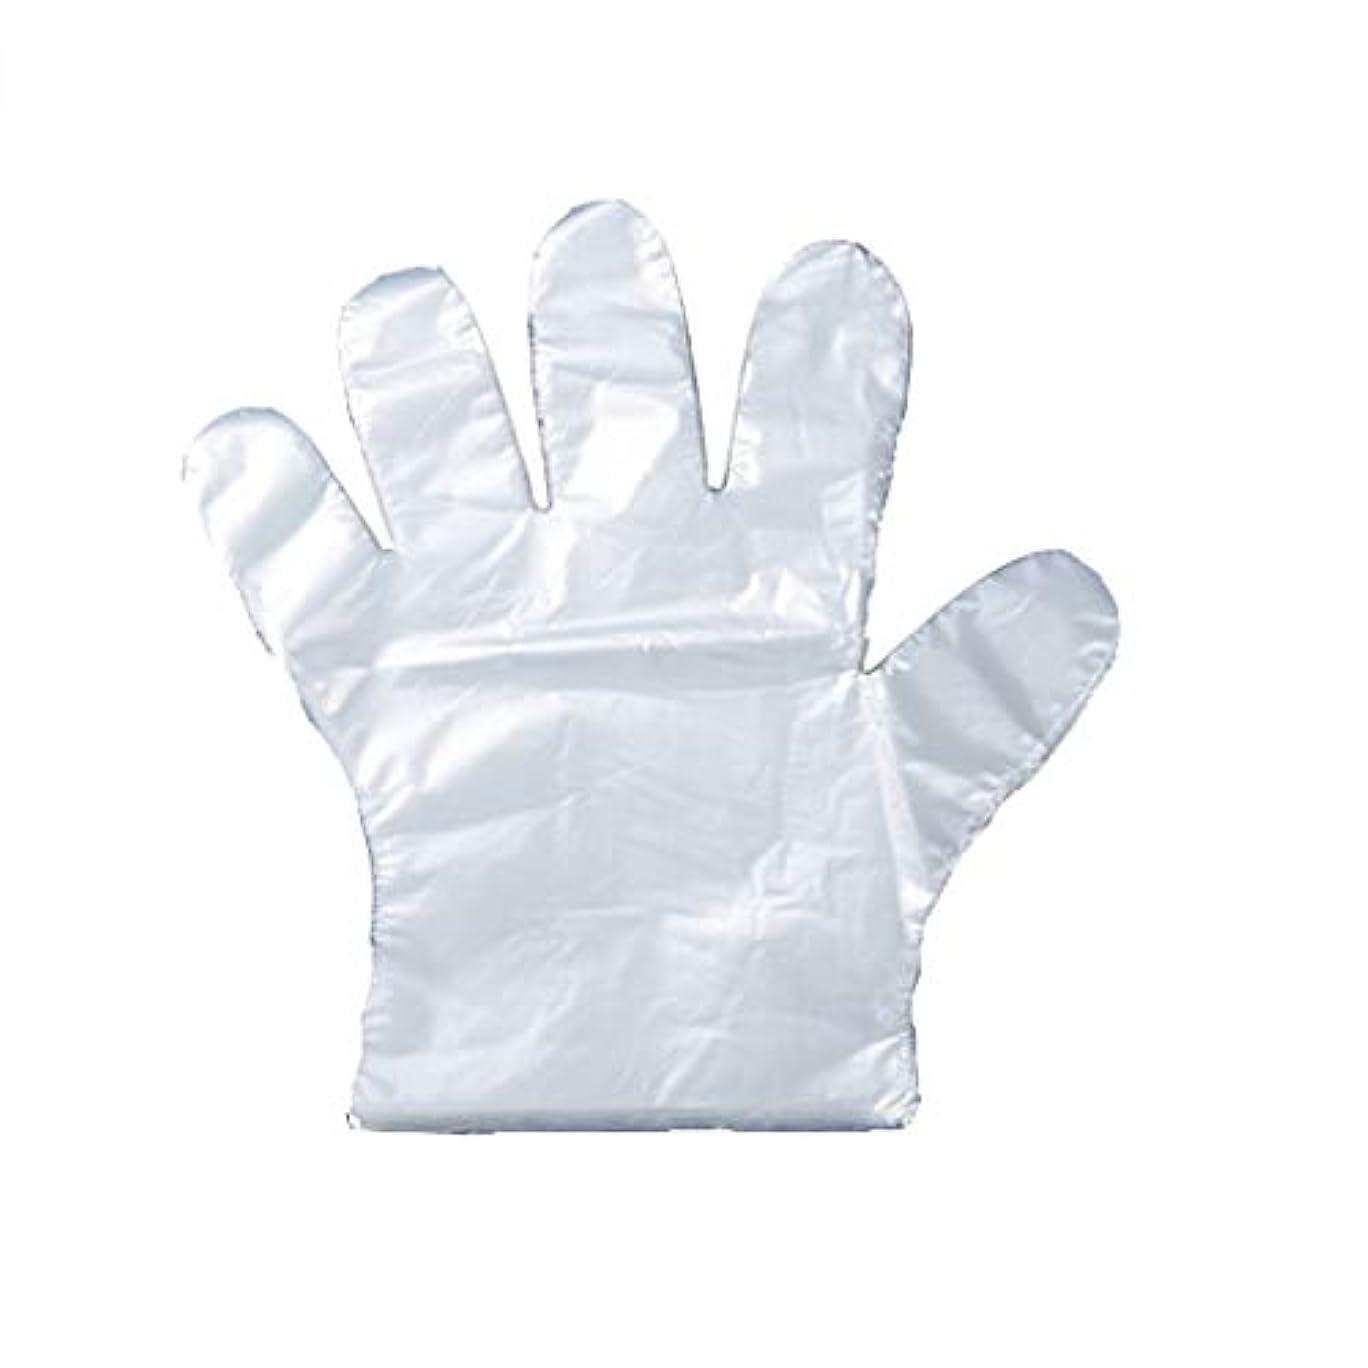 コンサートセッション広範囲手袋の使い捨て手袋のフィルム家庭用キッチンの食品は、透明PEプラスチック手袋100パッケージを厚くした (UnitCount : 200)